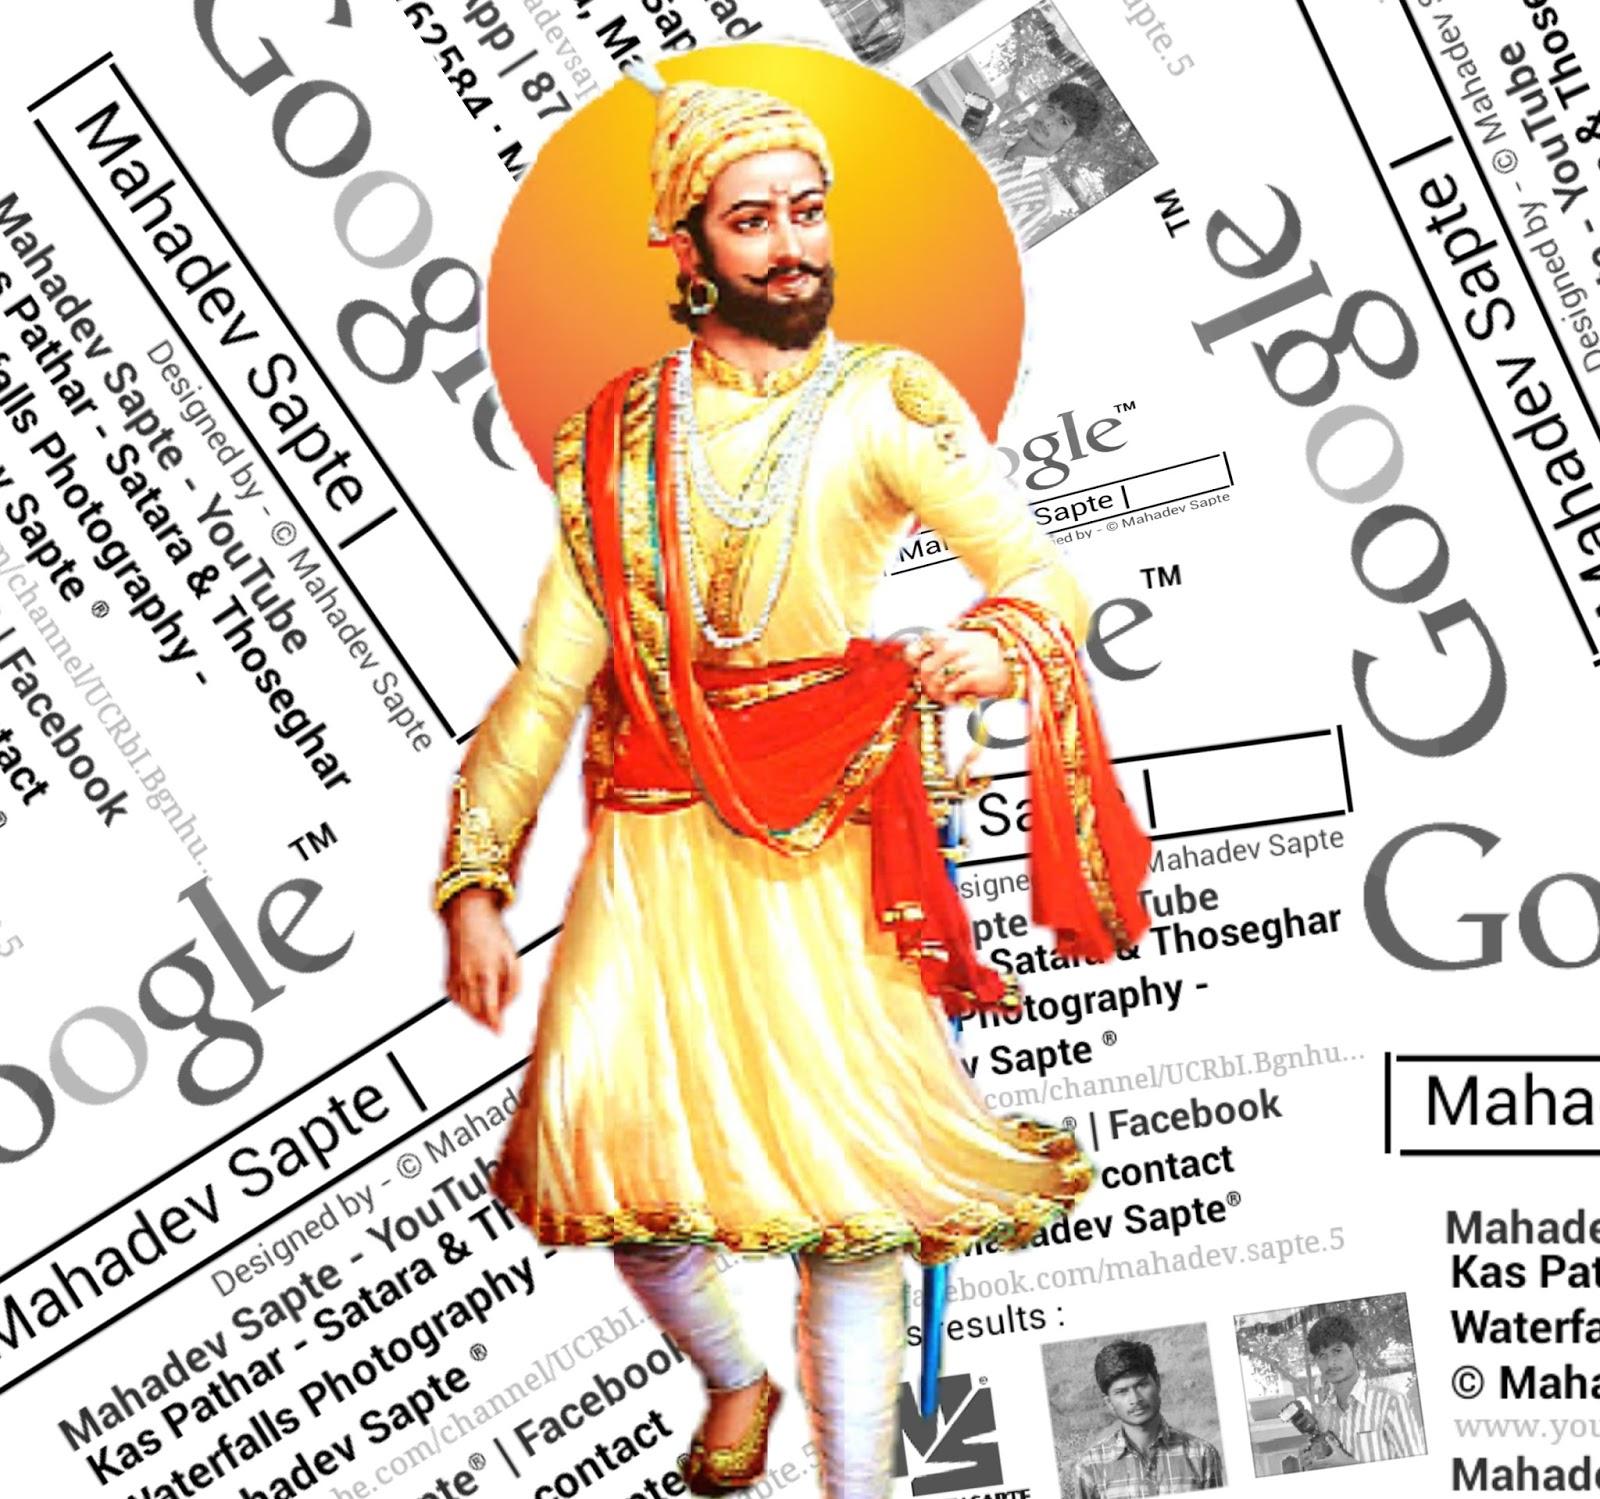 Hd wallpaper shivaji maharaj - Shivaji Maharaj New Hd Photos With Mahadev Sapte Google Result